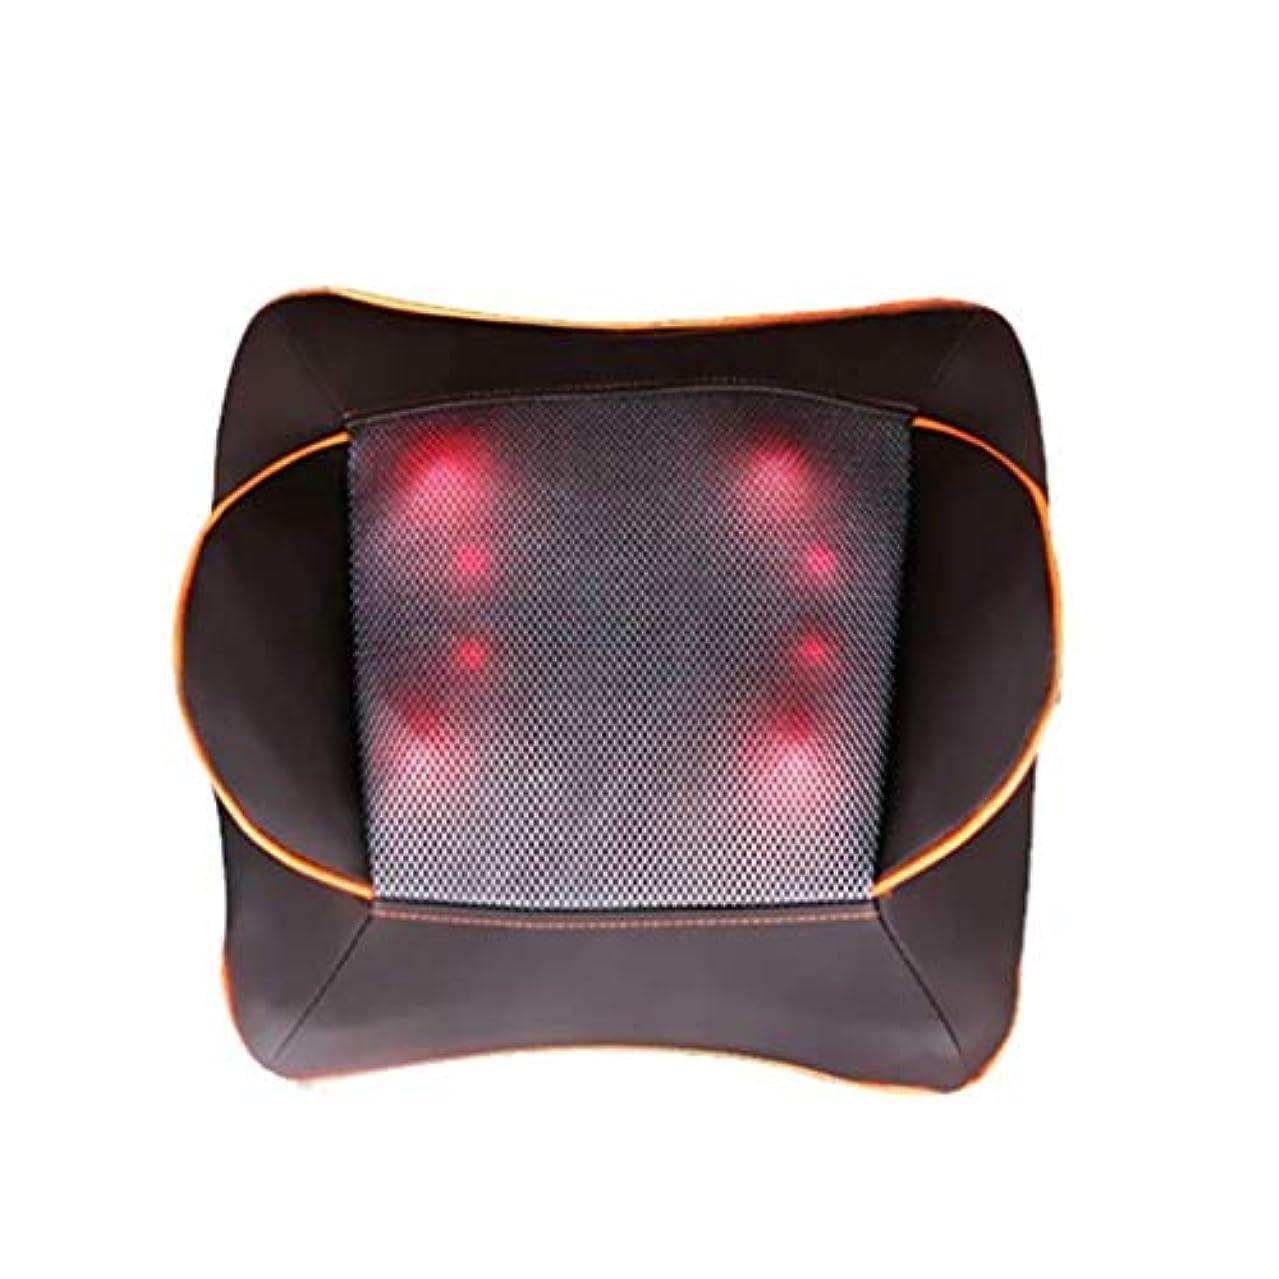 ディプロマおんどり人工電動マッサージ枕、指圧マッサージ首マッサージ-マッサージ枕、ホットショルダー、ウエスト、脚、足を混練-ホームオフィスや車で使用して筋肉痛を和らげます